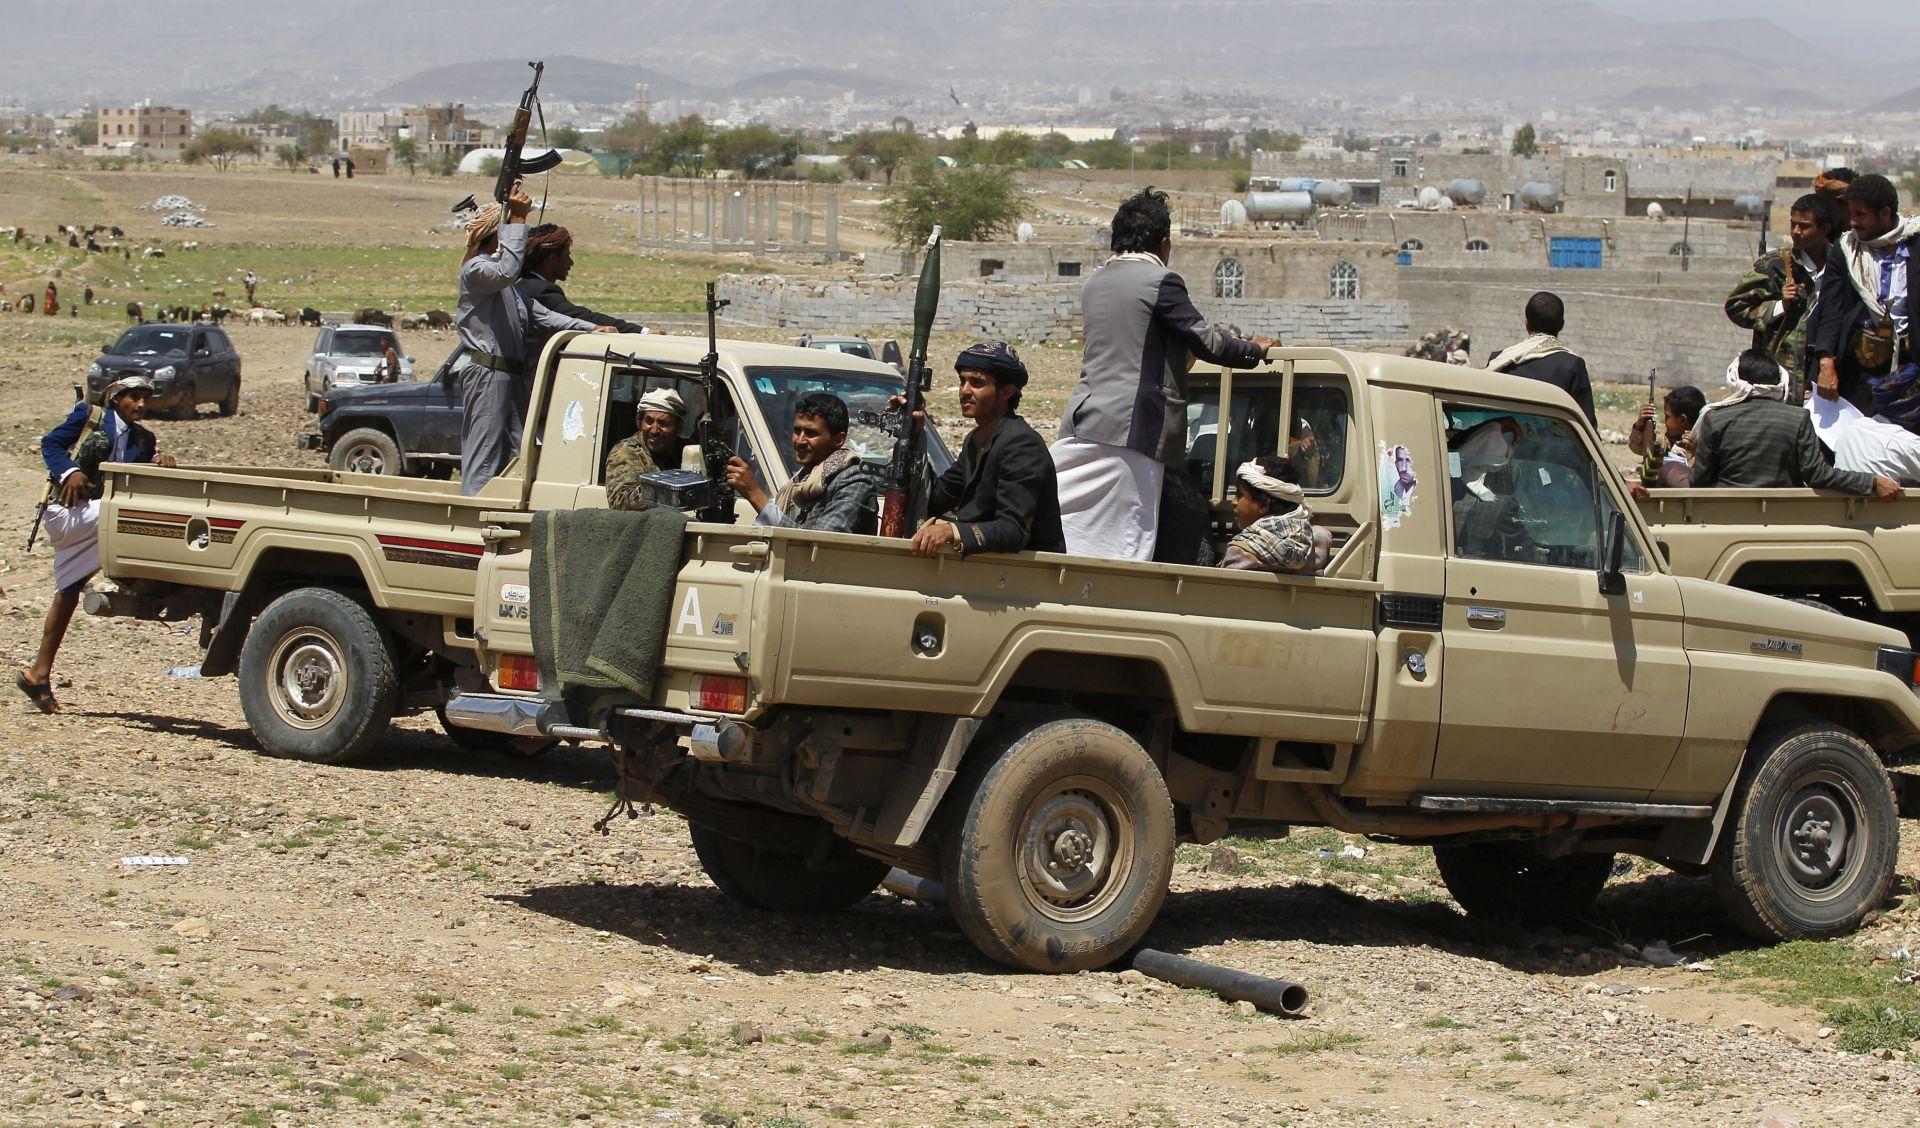 NAPADI ISLAMSKE DRŽAVE: Poginuo najmanje 41 jemenski vojnik u dvama napadima